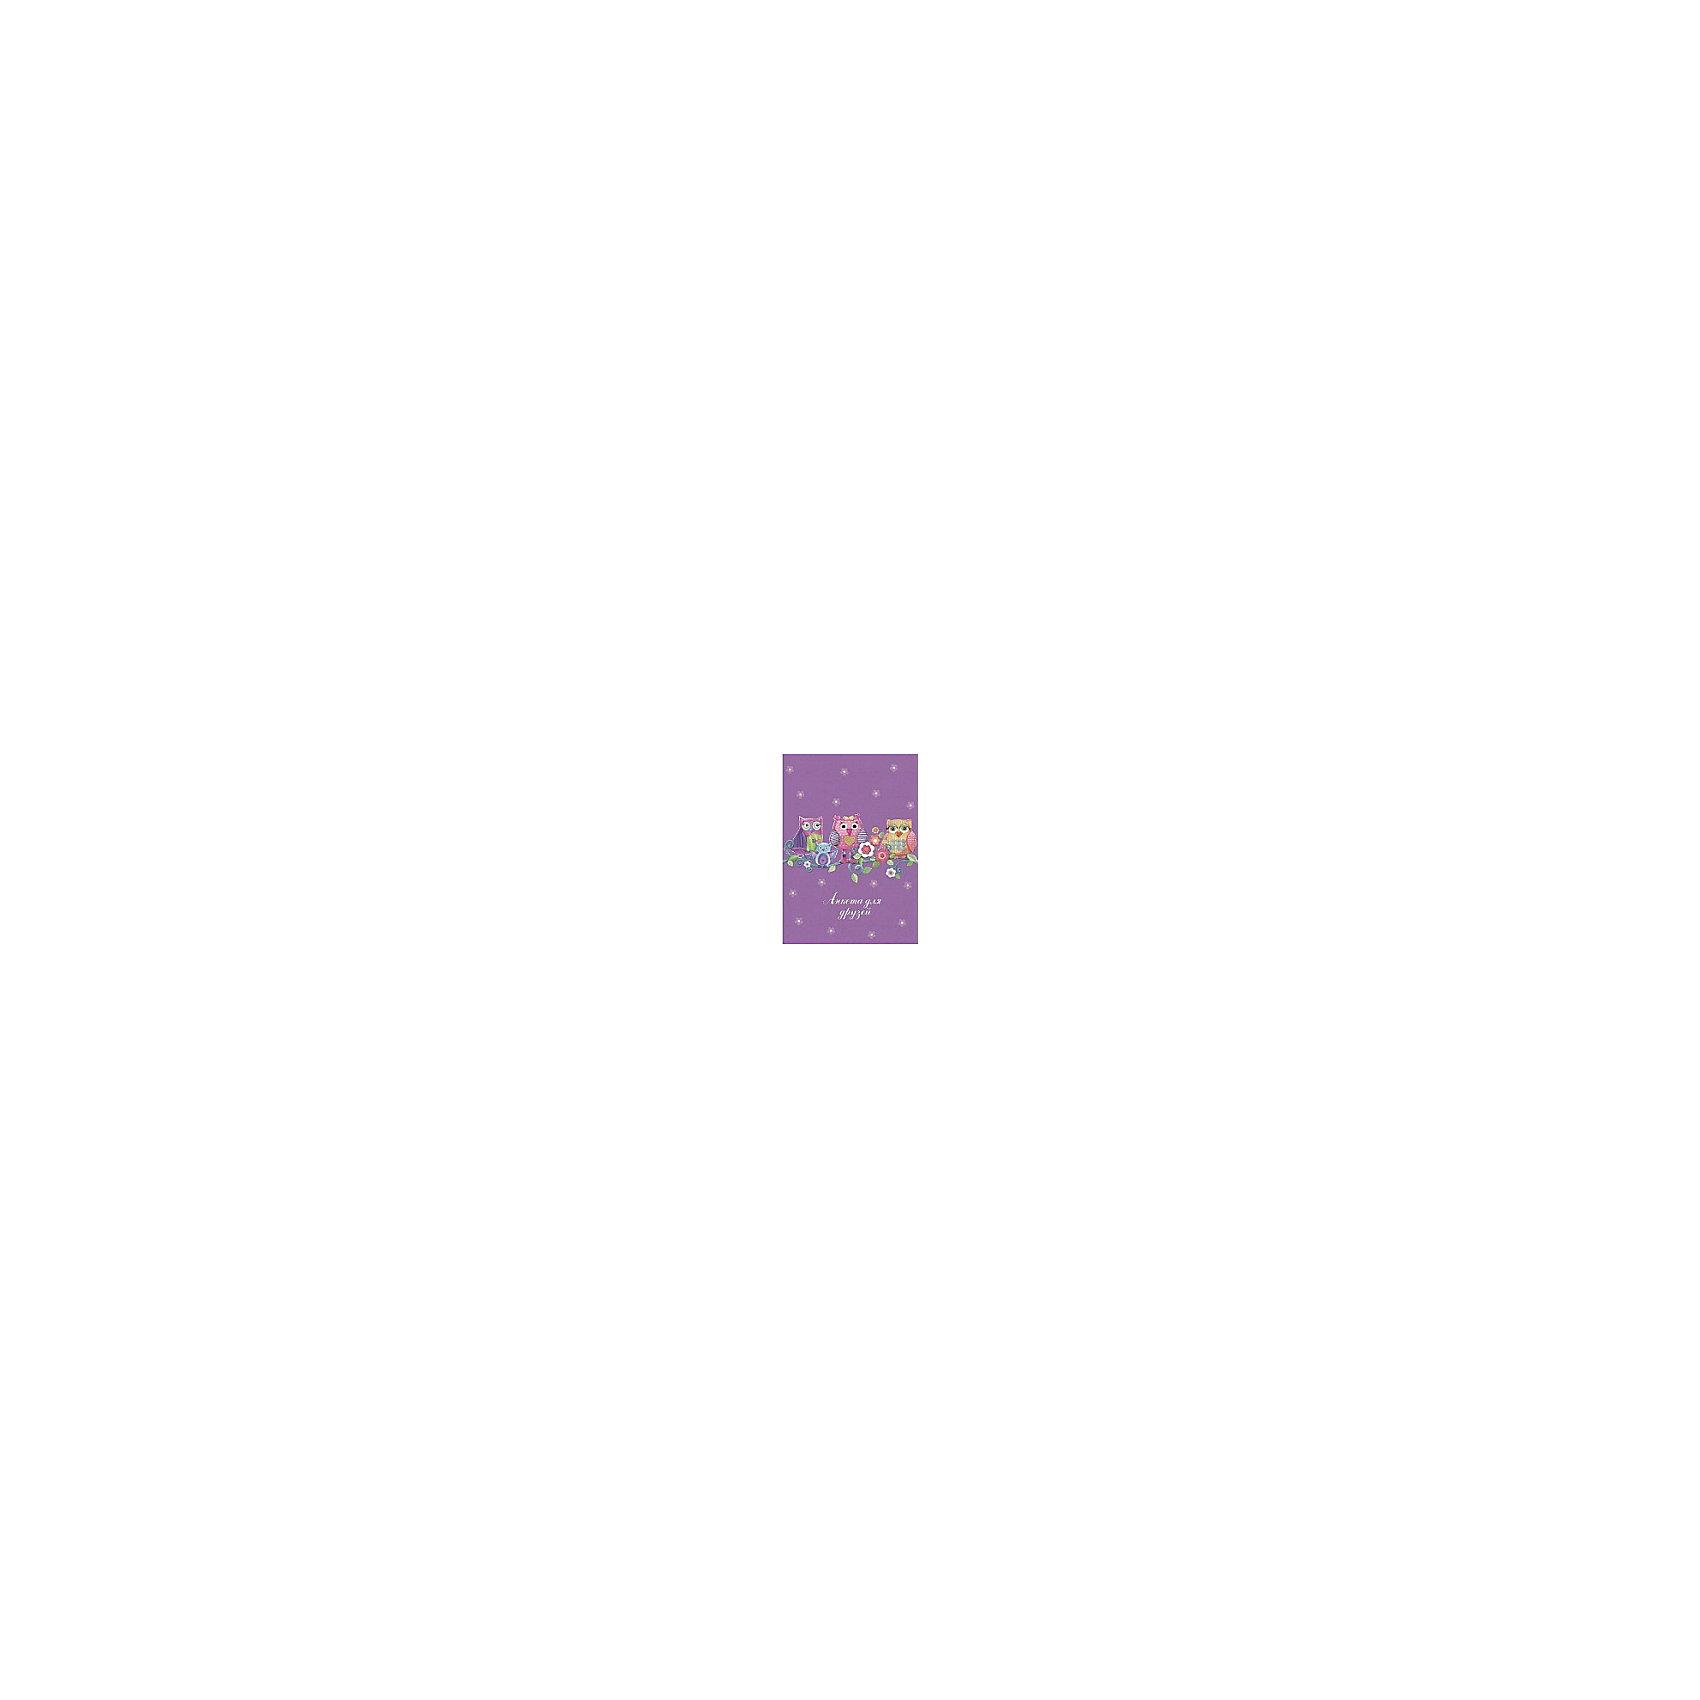 купить самсунг а5 2015г Феникс+ Анкета для друзей Совята, А5